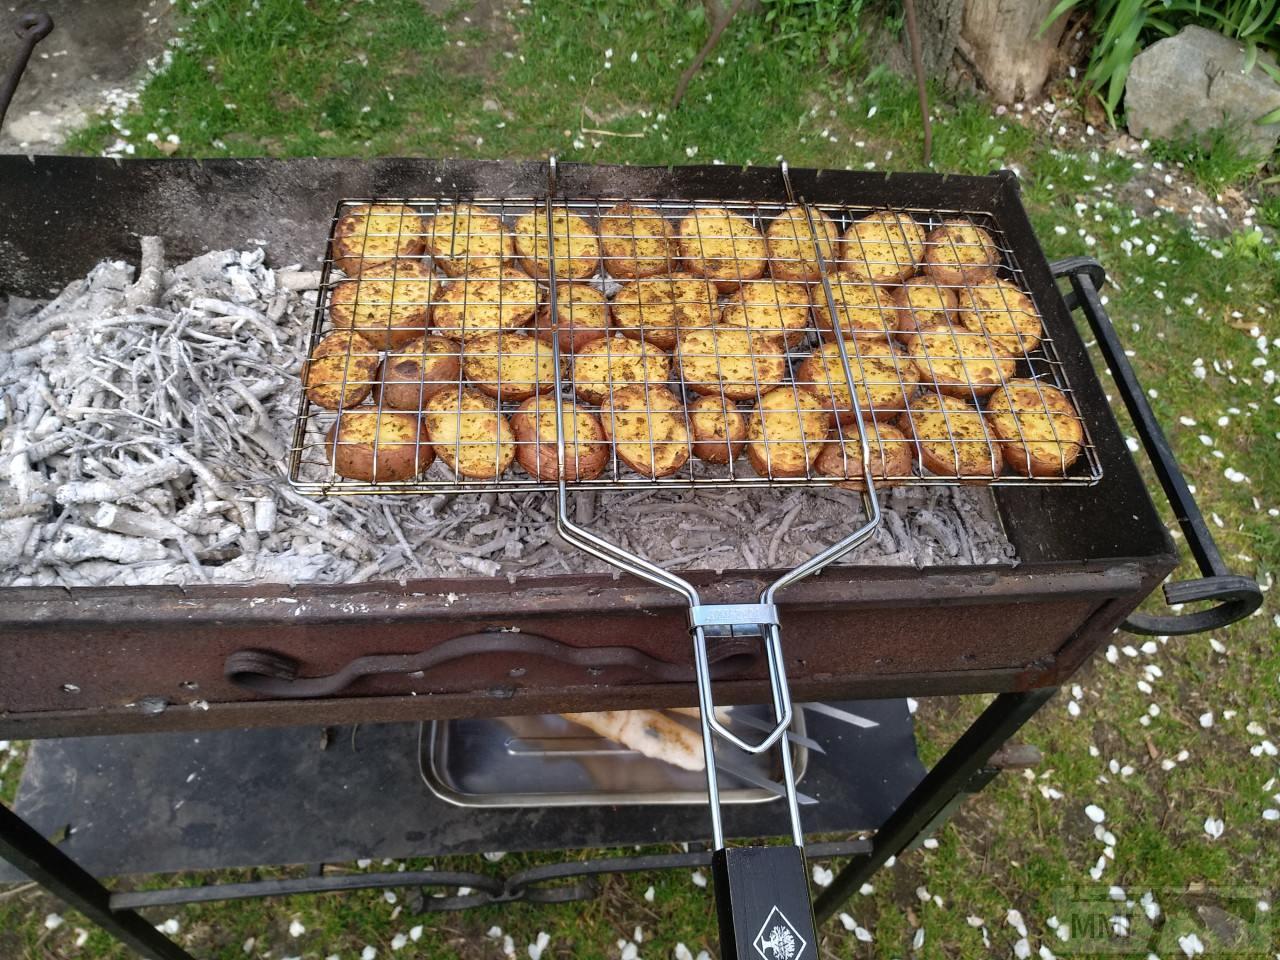 101271 - Закуски на огне (мангал, барбекю и т.д.) и кулинария вообще. Советы и рецепты.